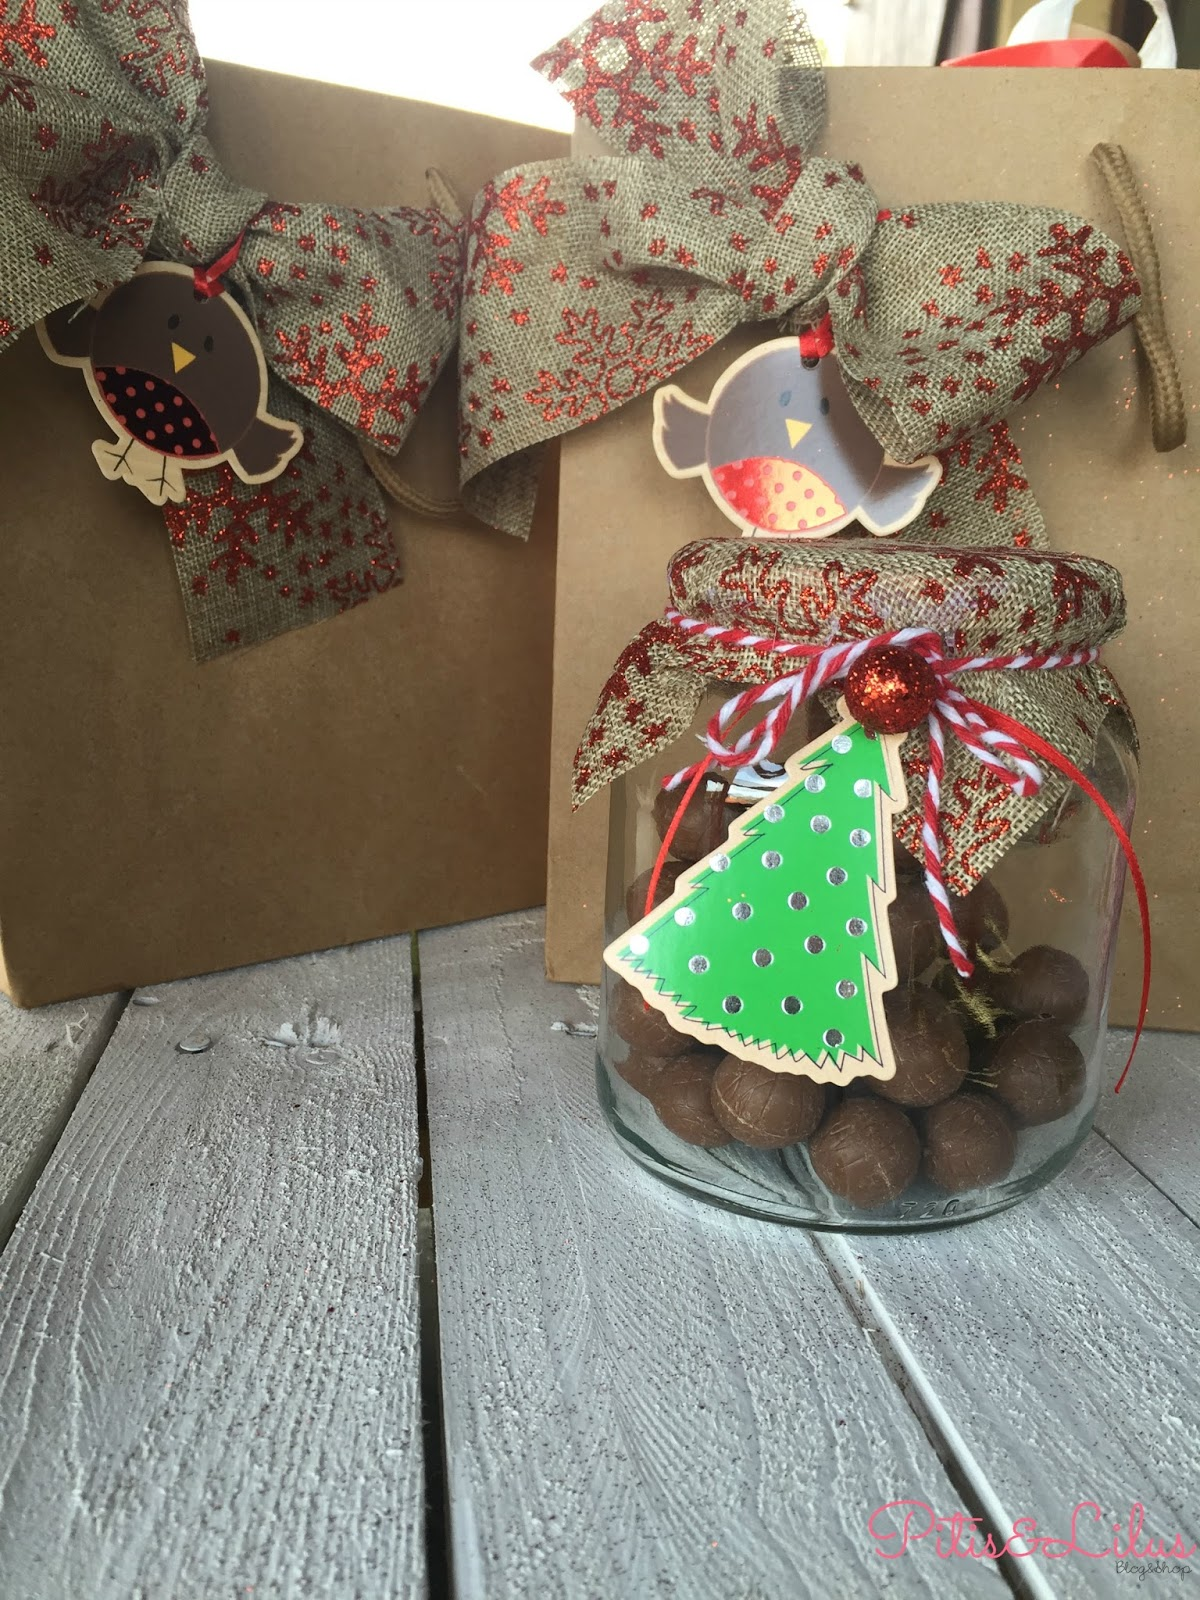 Diy detalles navide os sencillos y handmade para regalar for Detalles para navidad